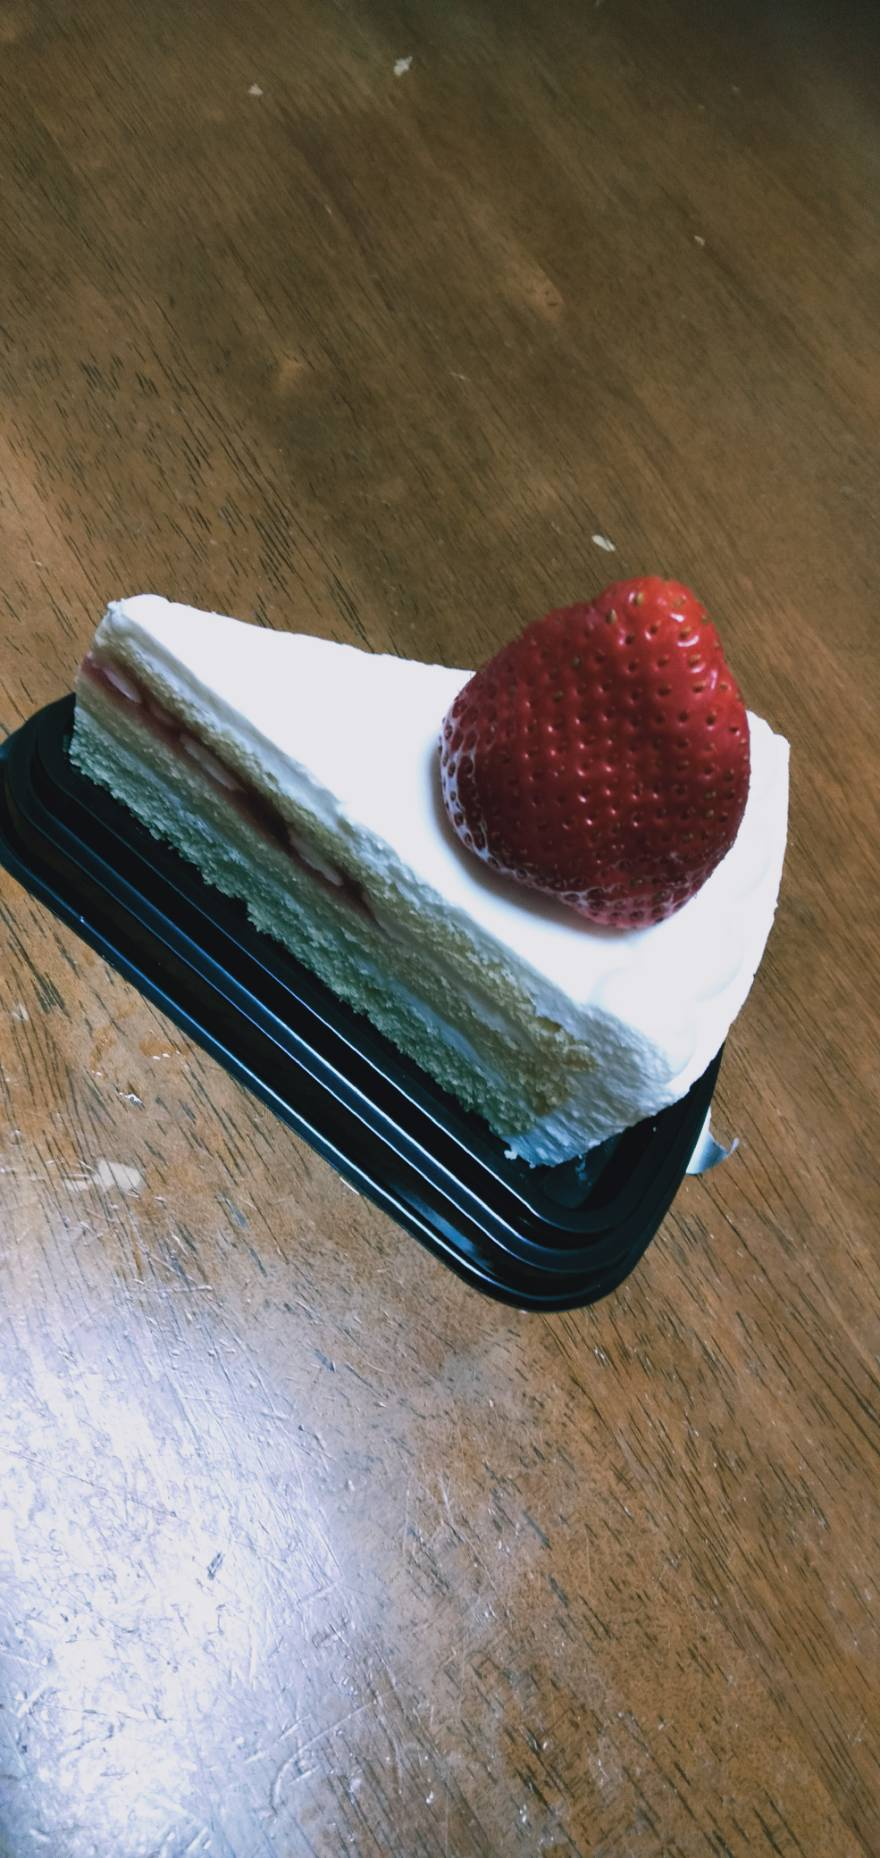 シャトレーゼのアレルギー対応ケーキ